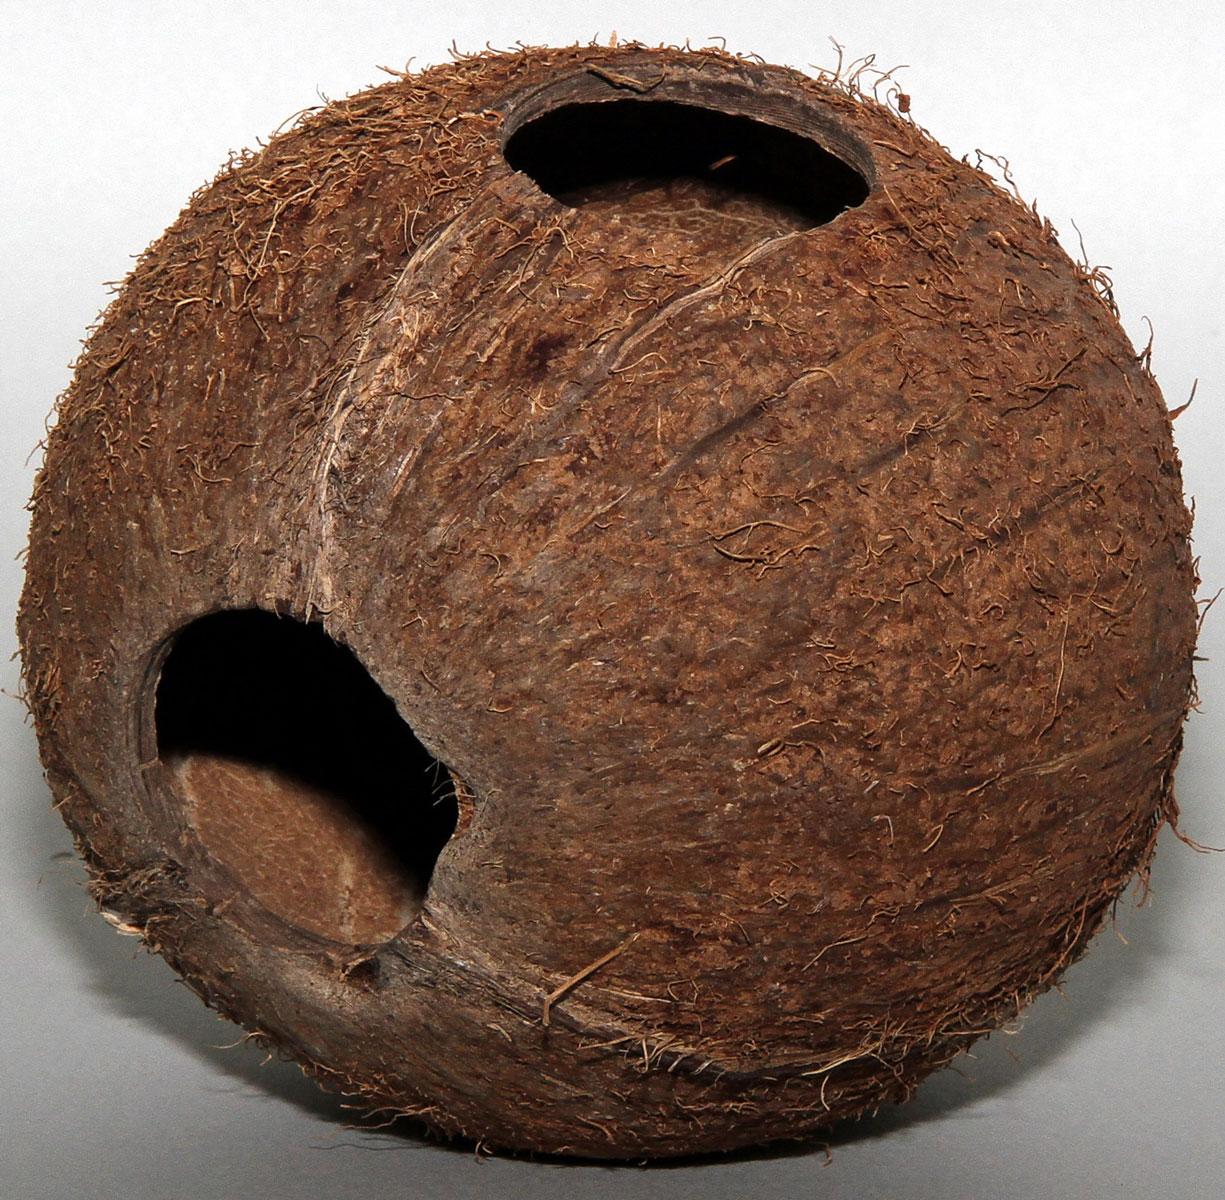 Пещера декоративная для аквариума JBL Cocos Cava, из кожуры кокоса, 12,5 х 13 х 12,5 см